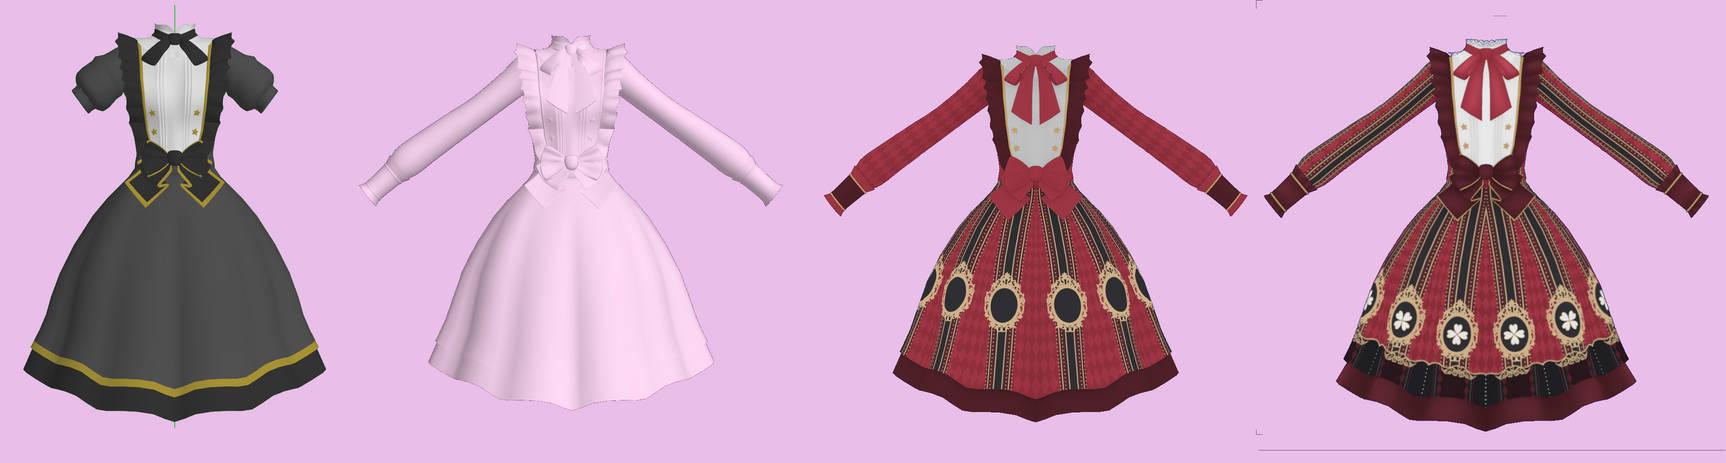 MMD Lolita Dress [WIP] Progress